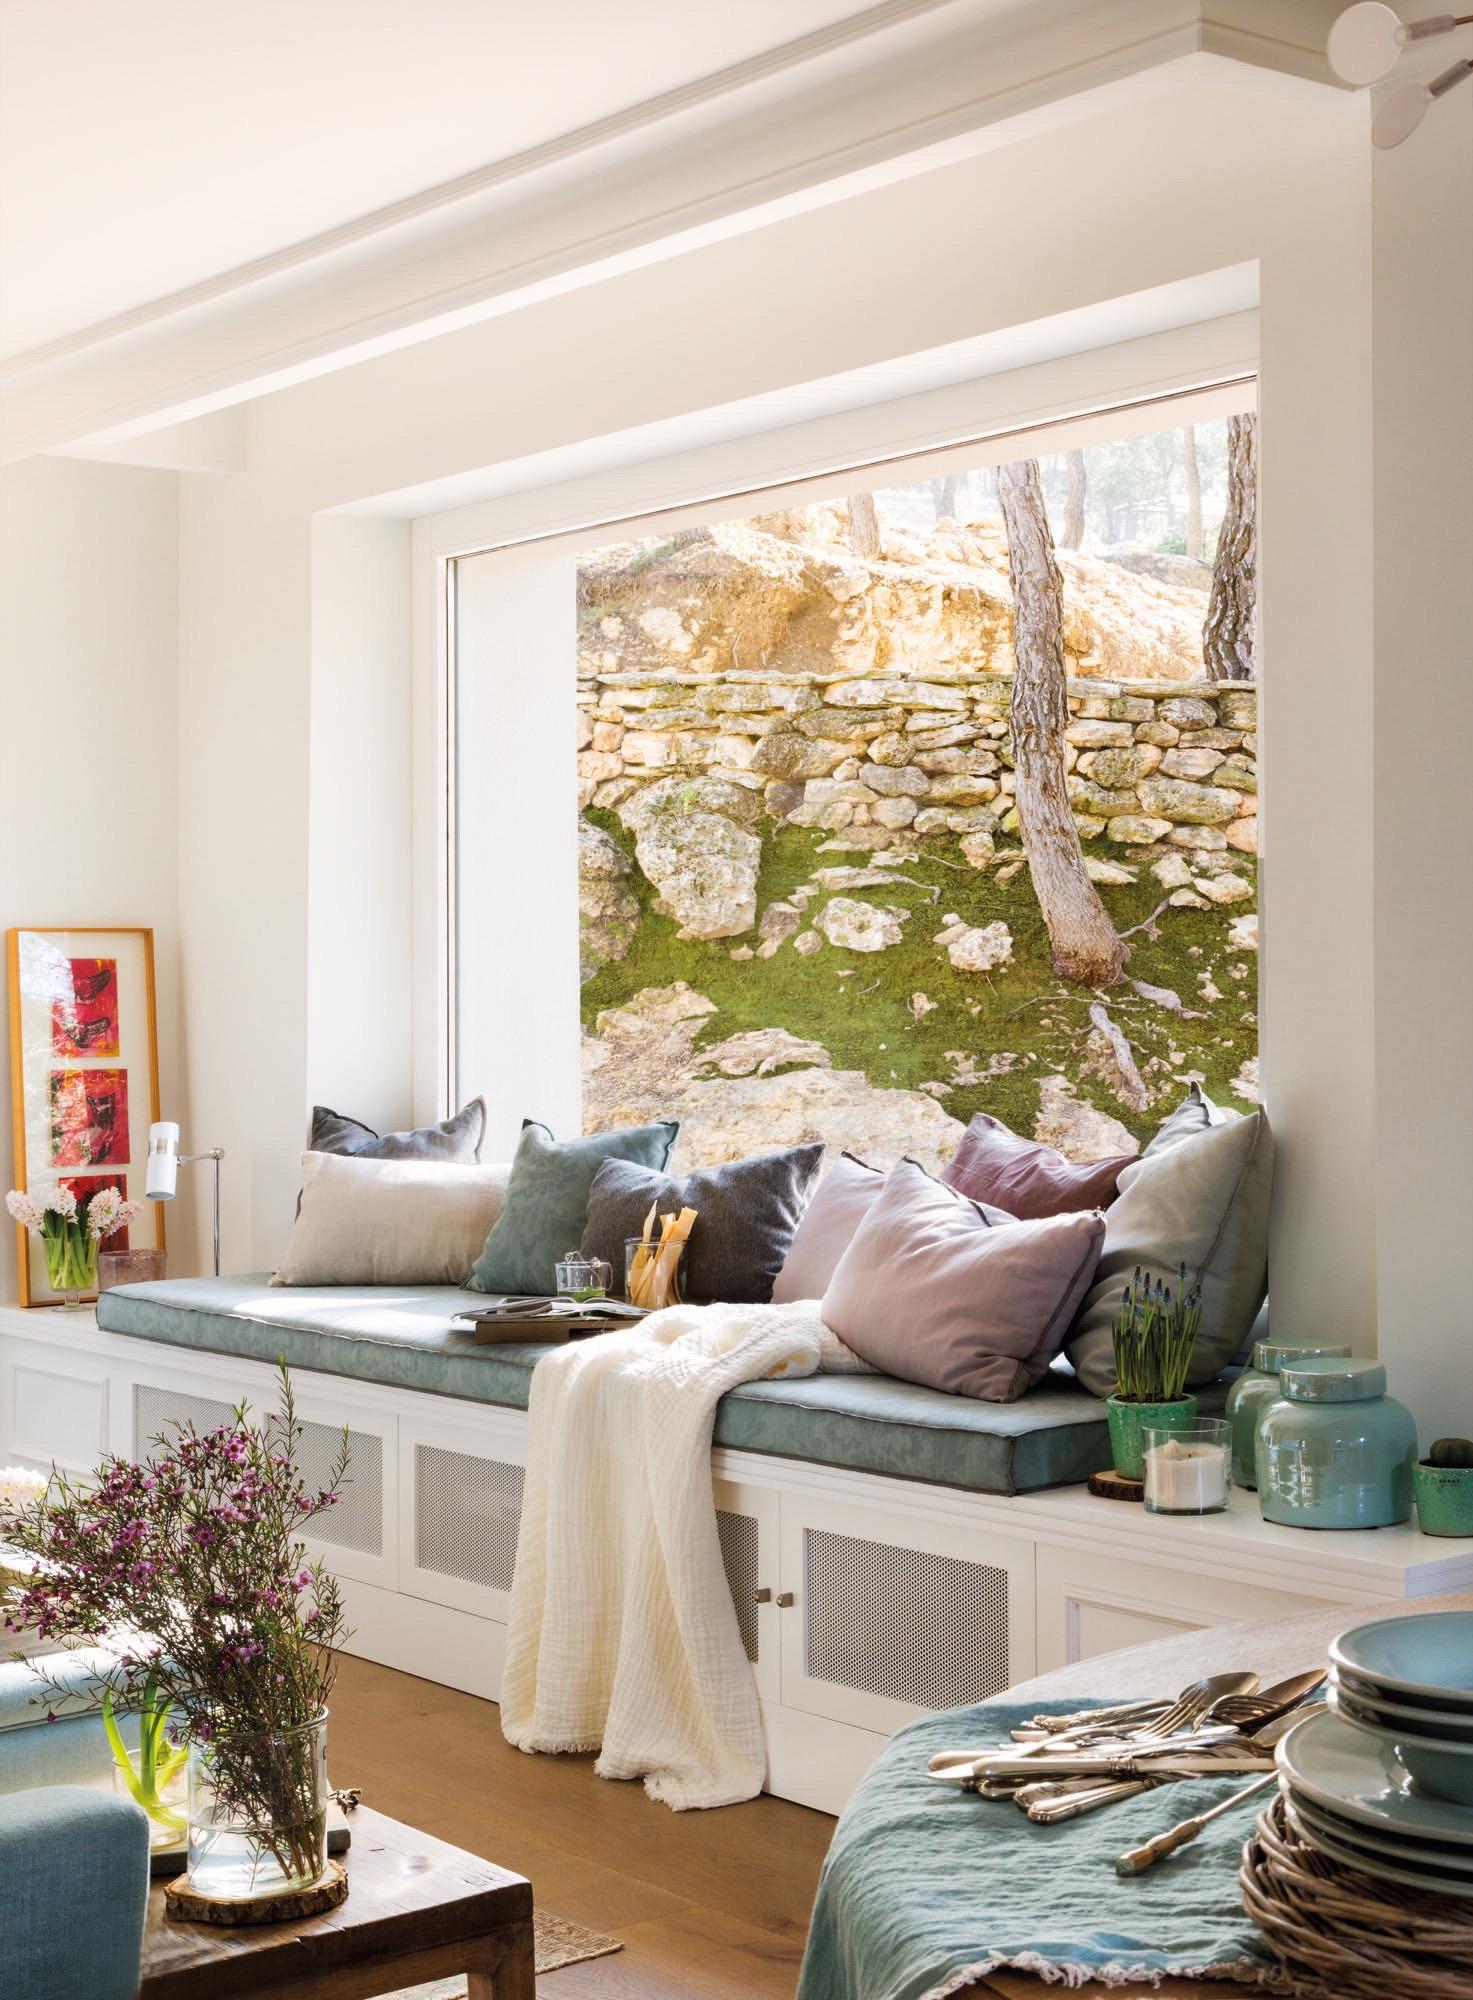 bancada con cojines junto a una ventana